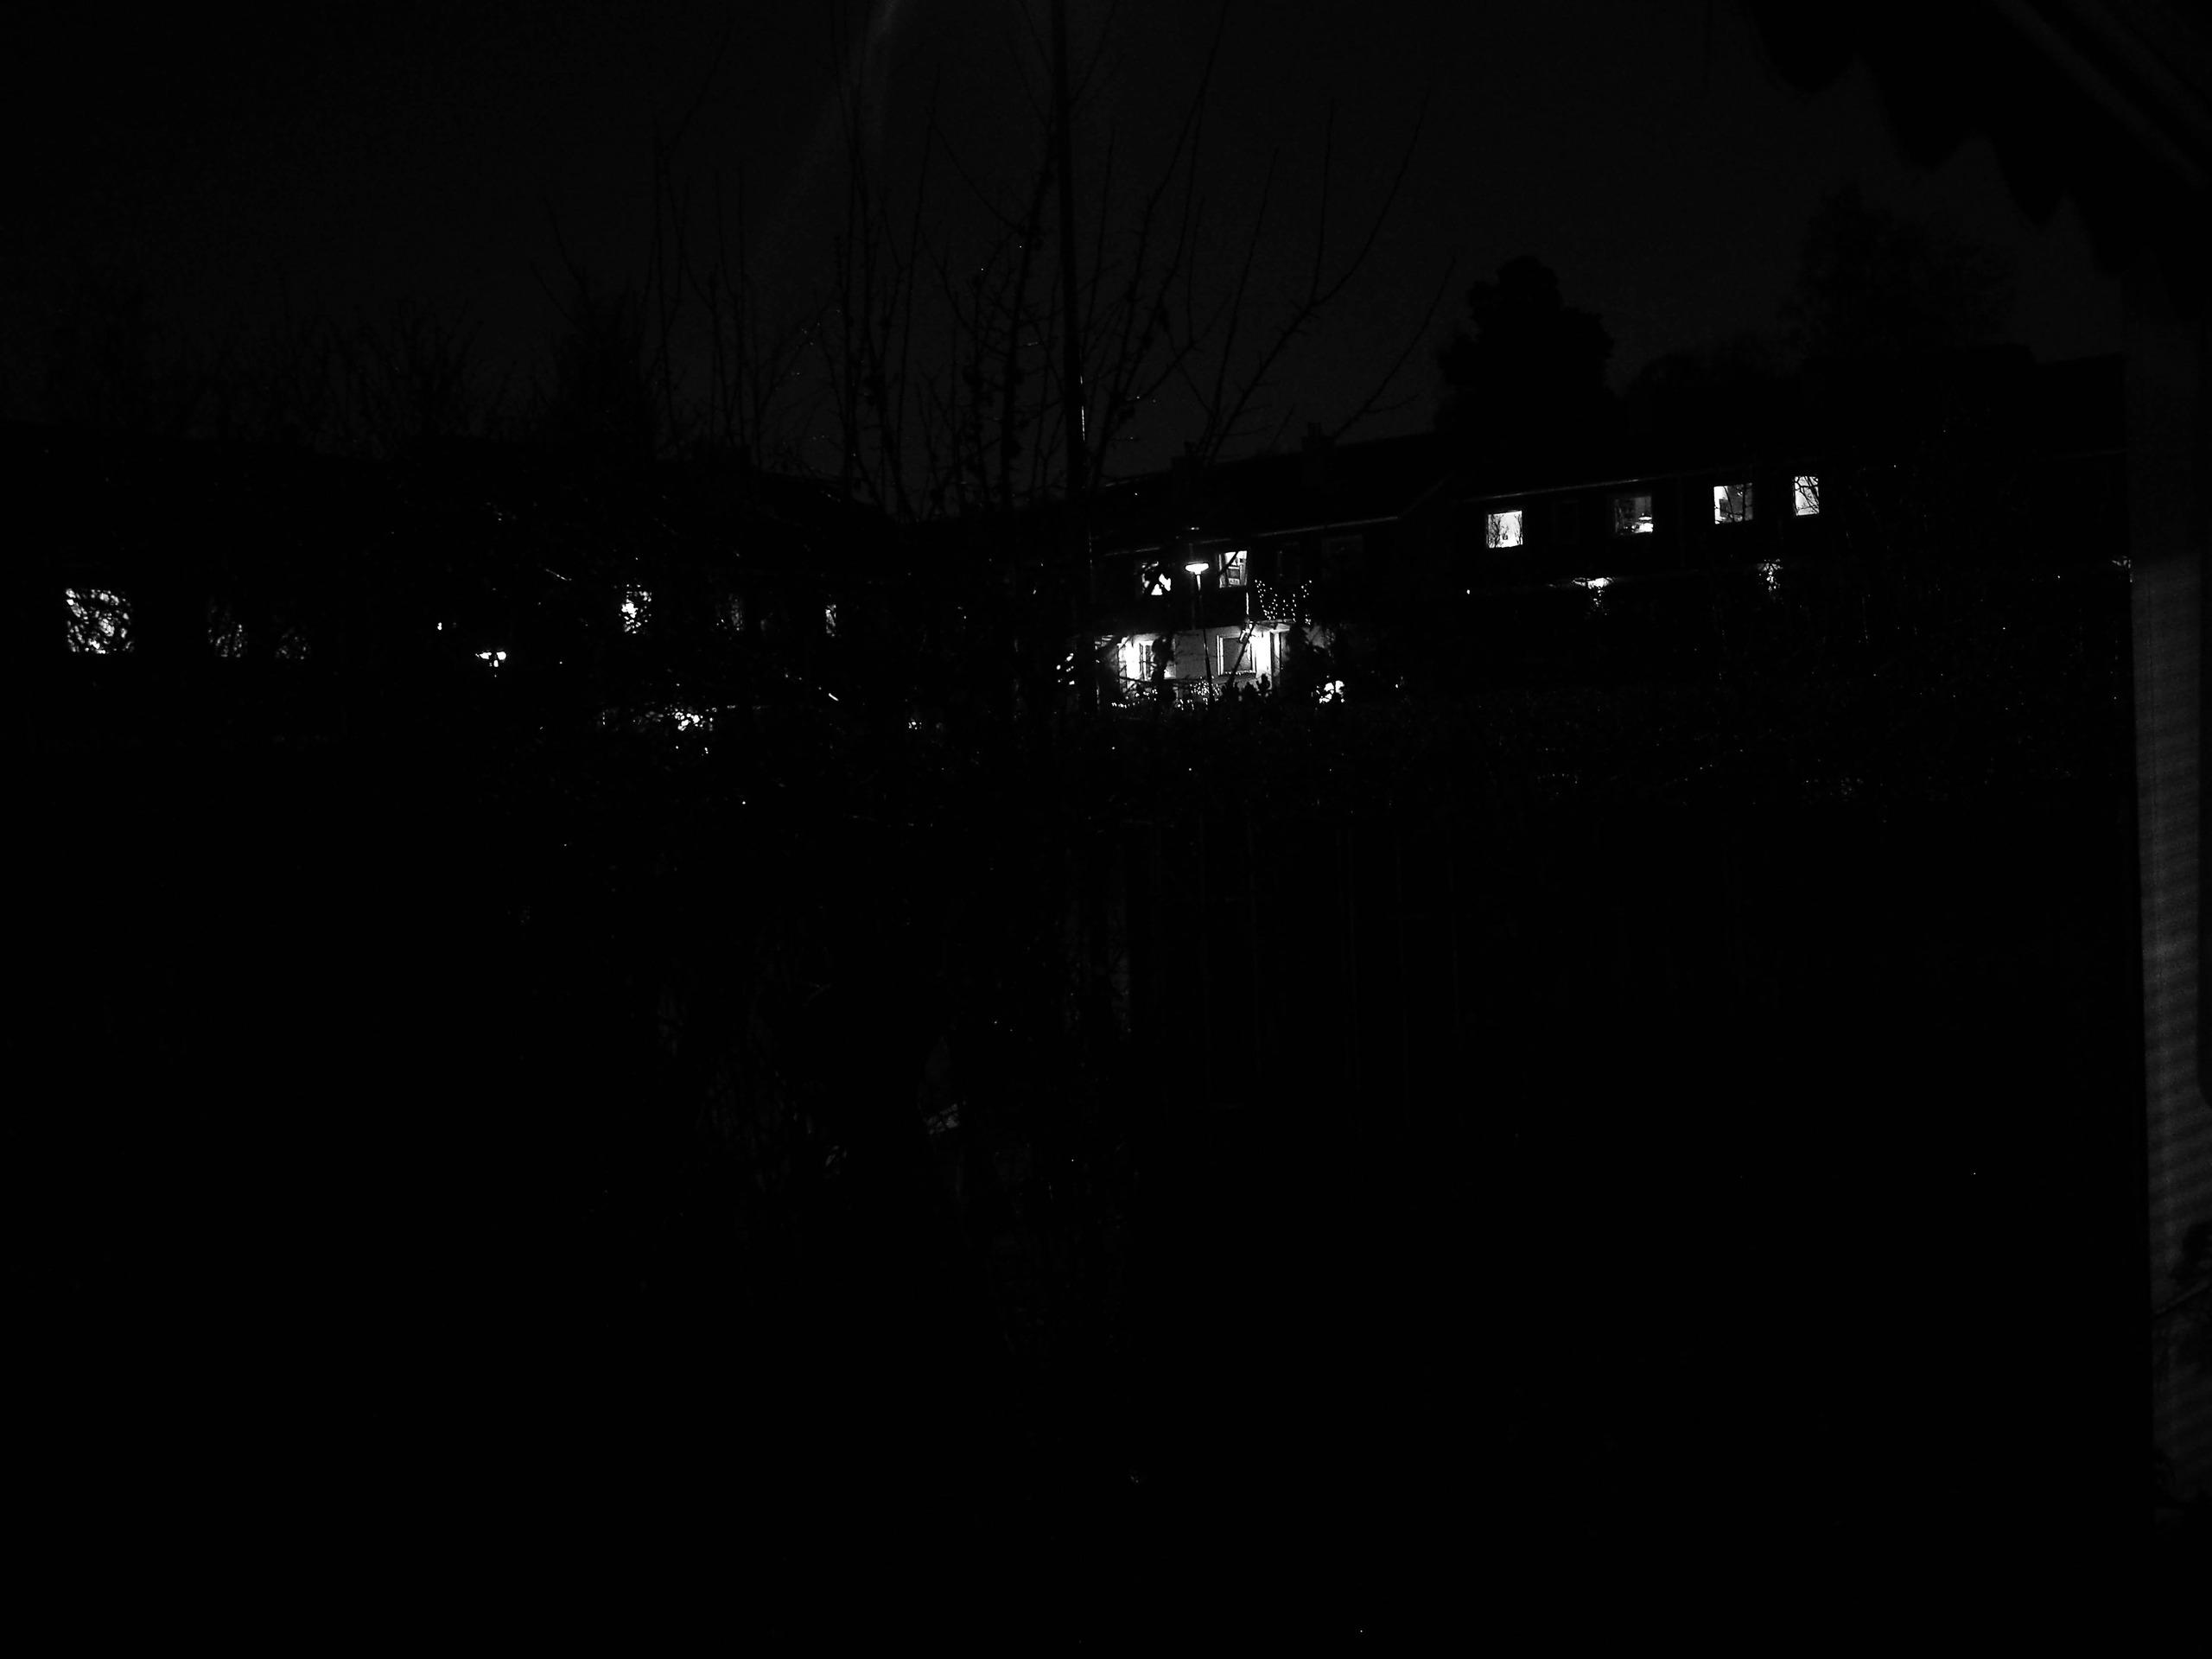 Bildresultat för när det blir mörkt där ute.